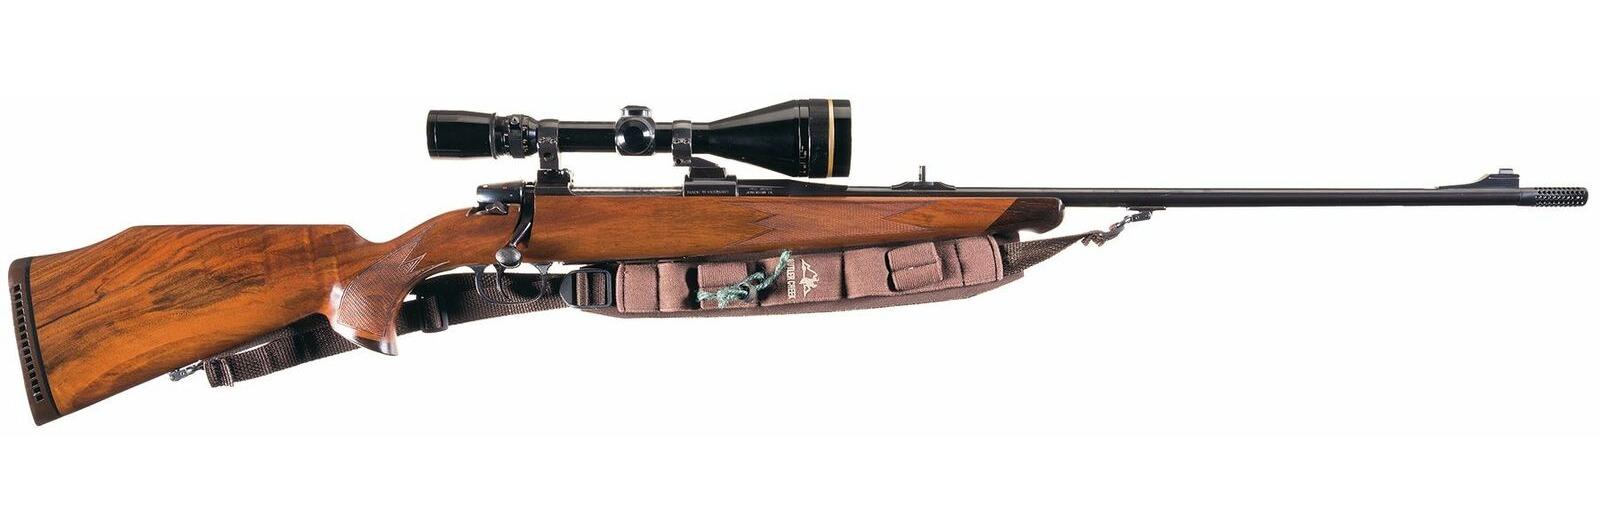 Heym SR20N sporting rifle